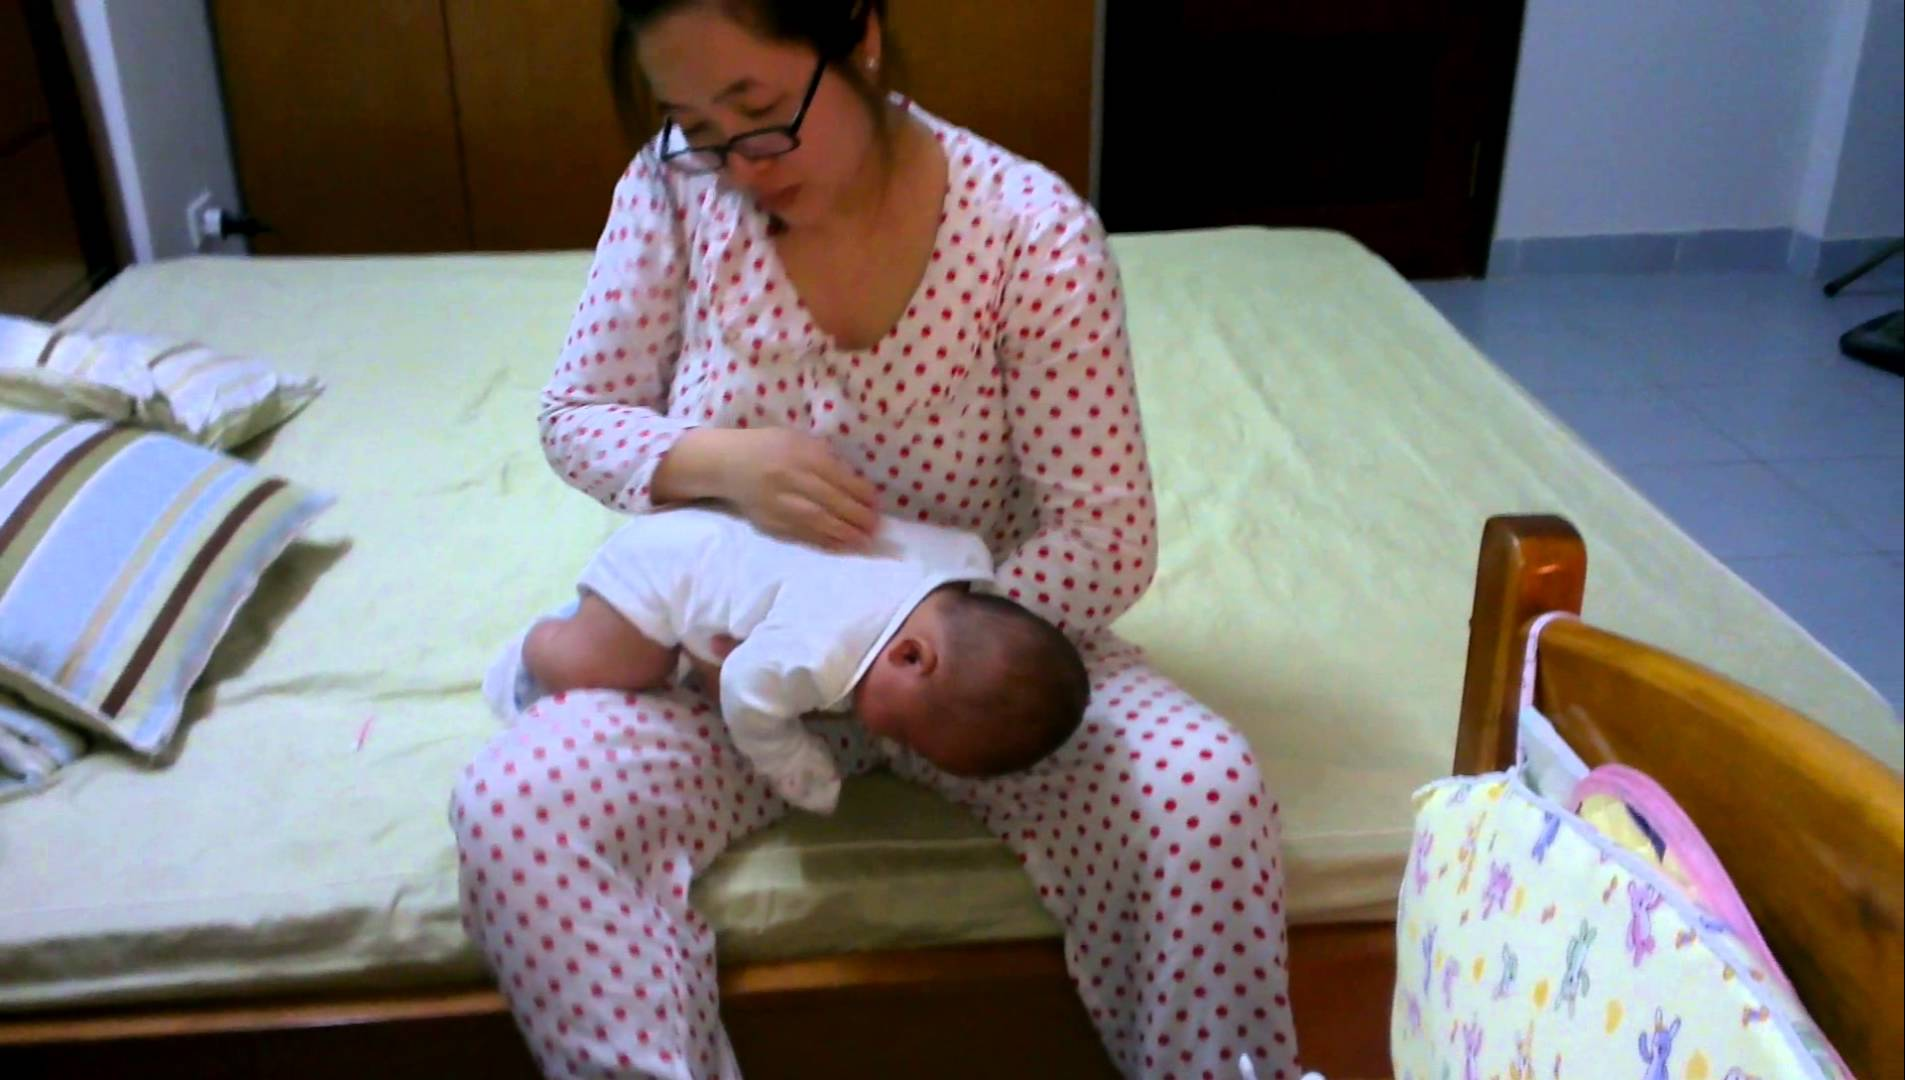 Mách mẹ cách nhanh chóng làm tiêu đờm trong cổ họng trẻ sơ sinh - Ảnh 1